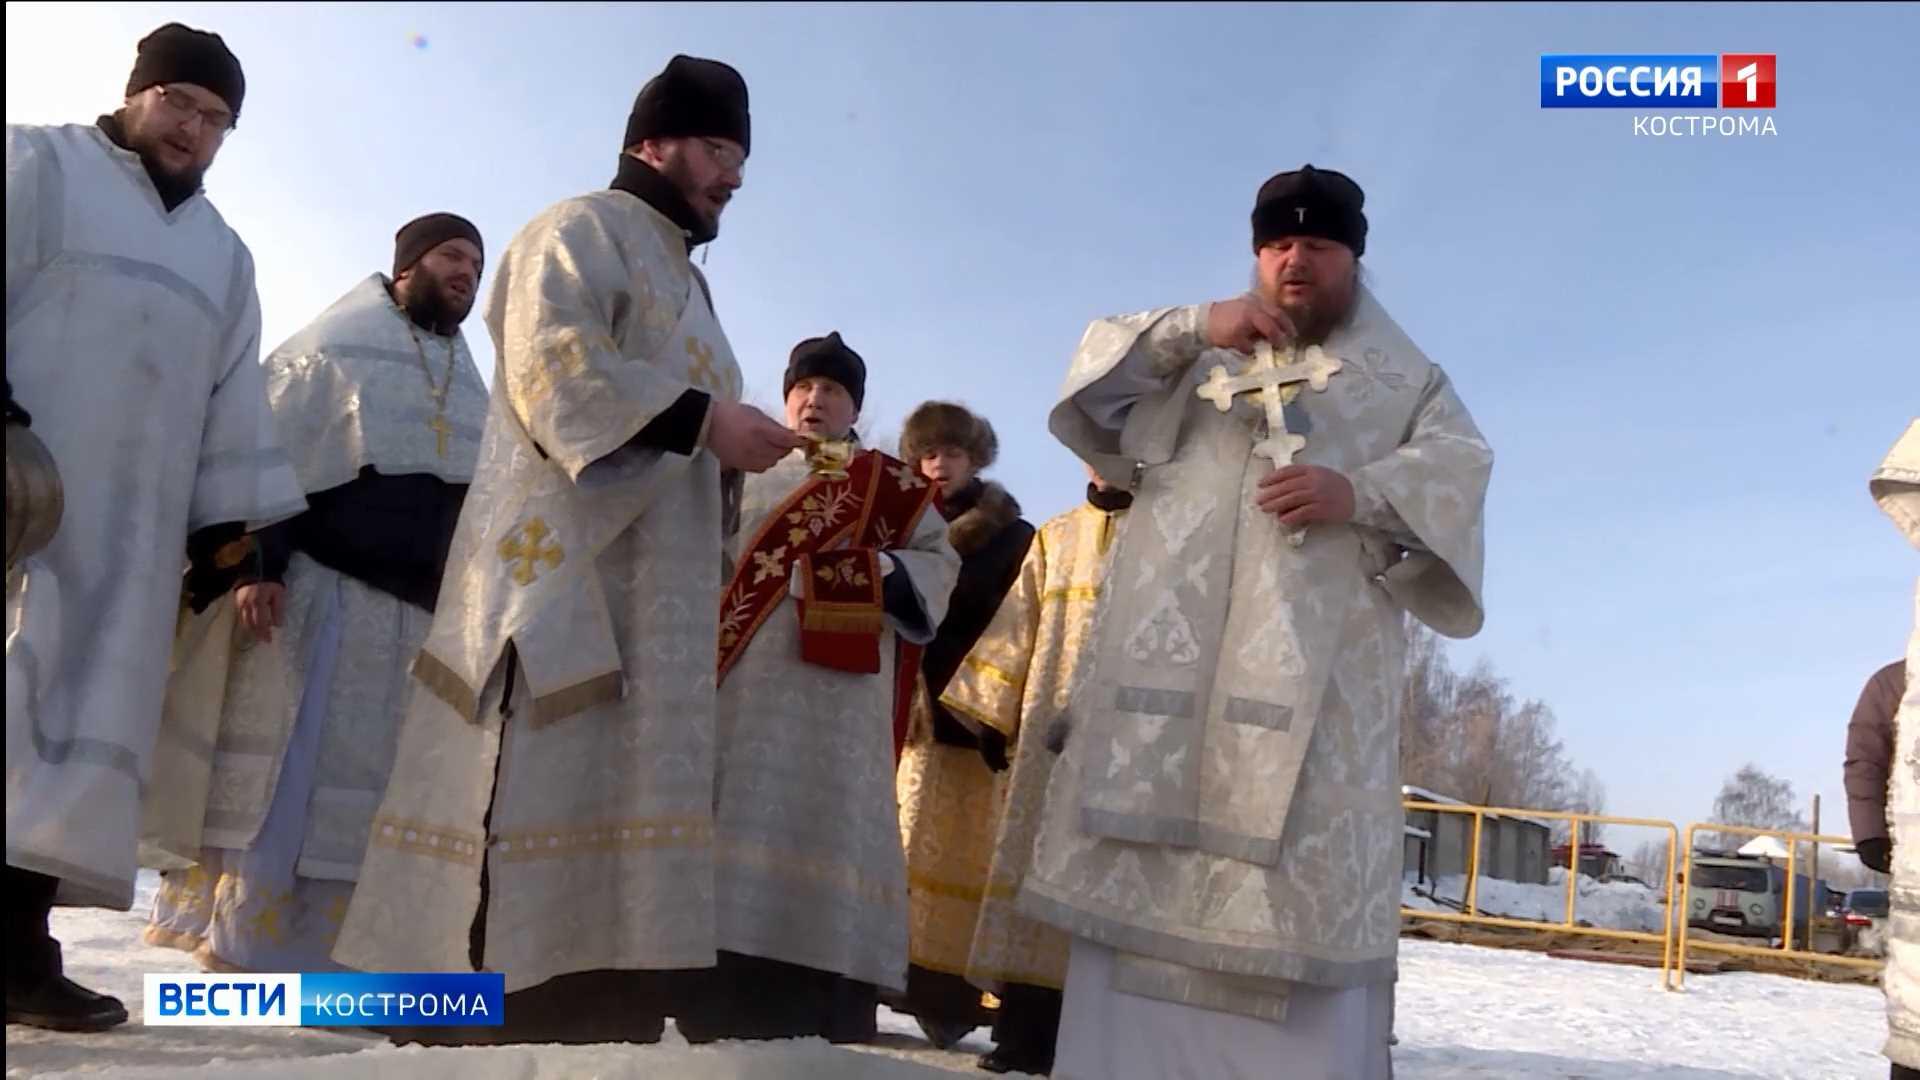 Водосвятие митрополит Костромской и Нерехтский Ферапонт совершил на реке Ключевке